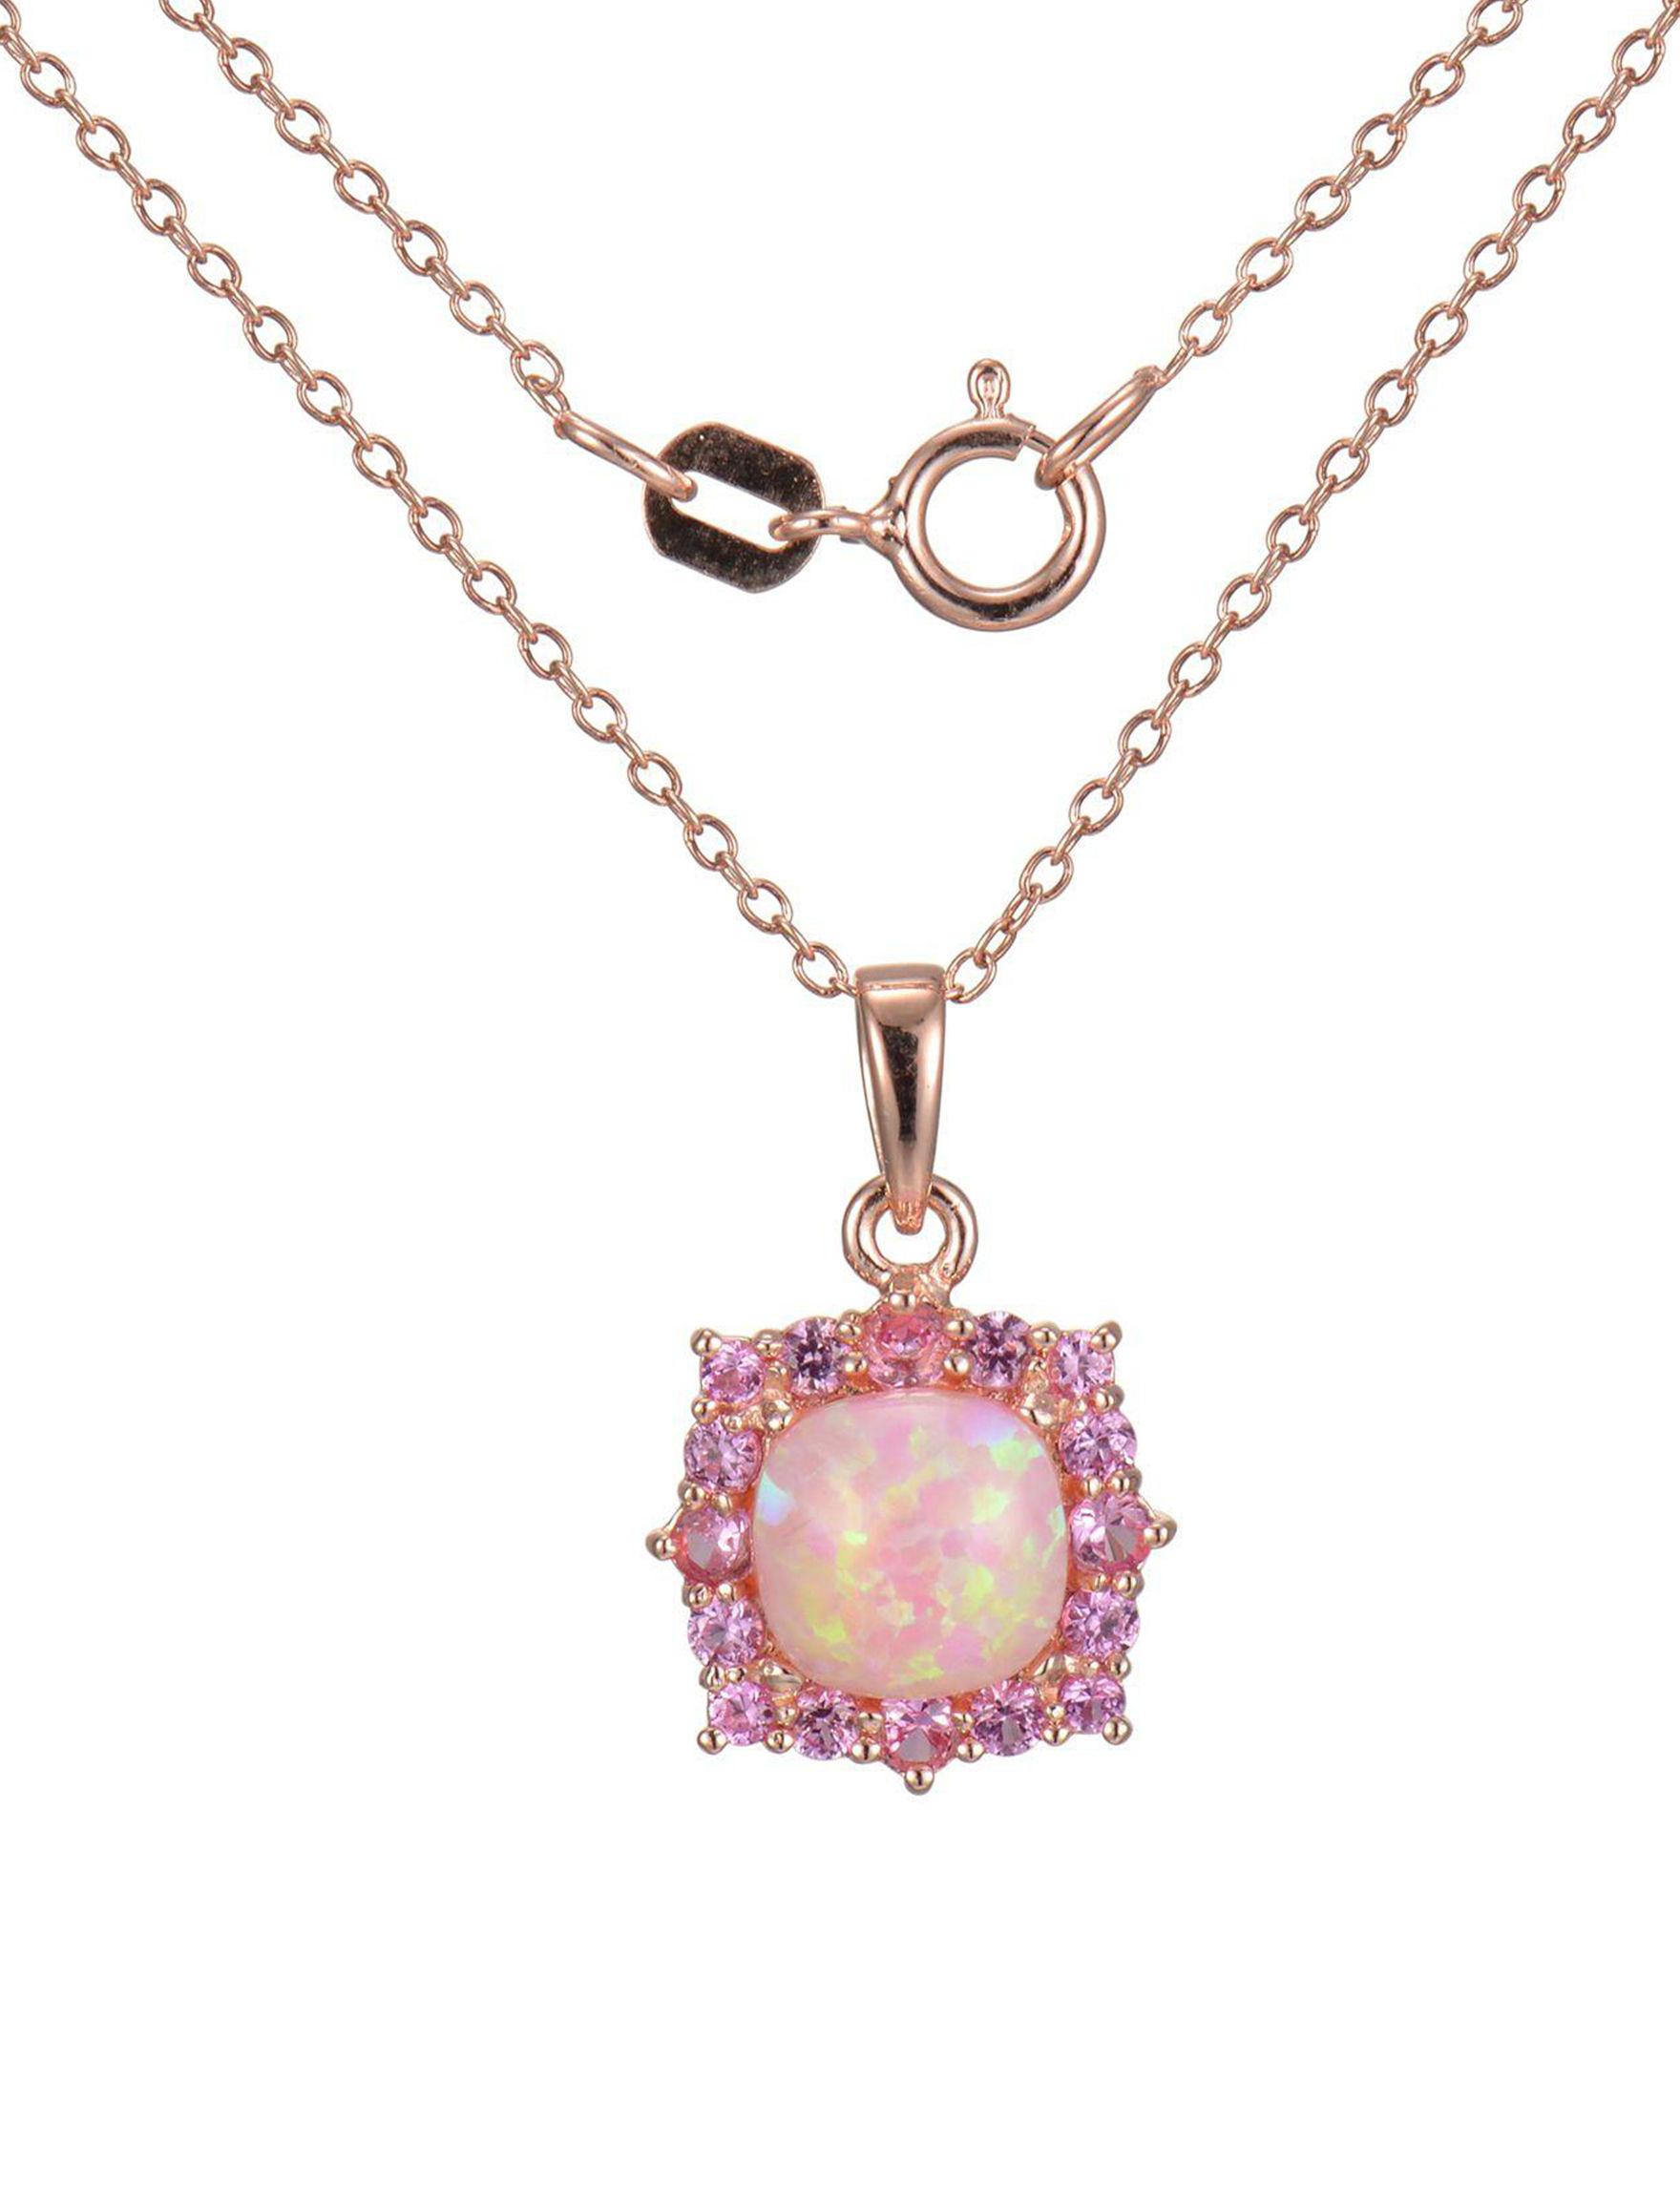 PAJ INC. Rose Gold Necklaces & Pendants